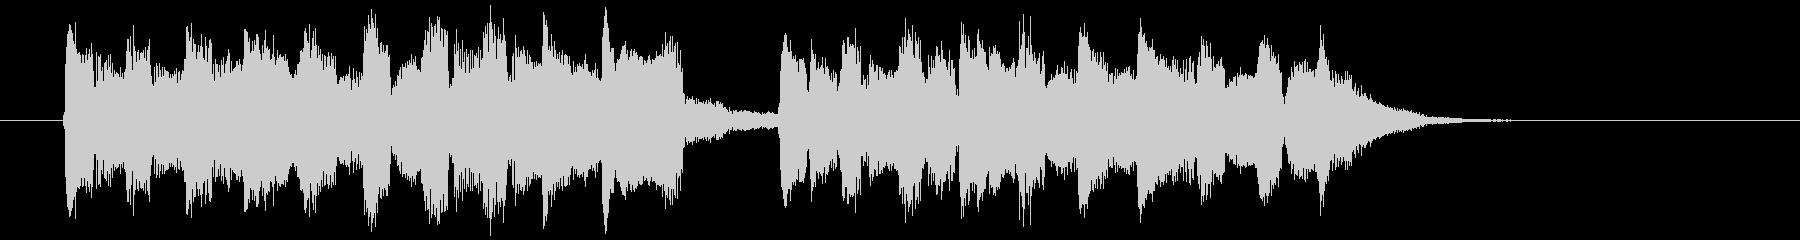 可愛らしい音色の不思議なワルツの未再生の波形